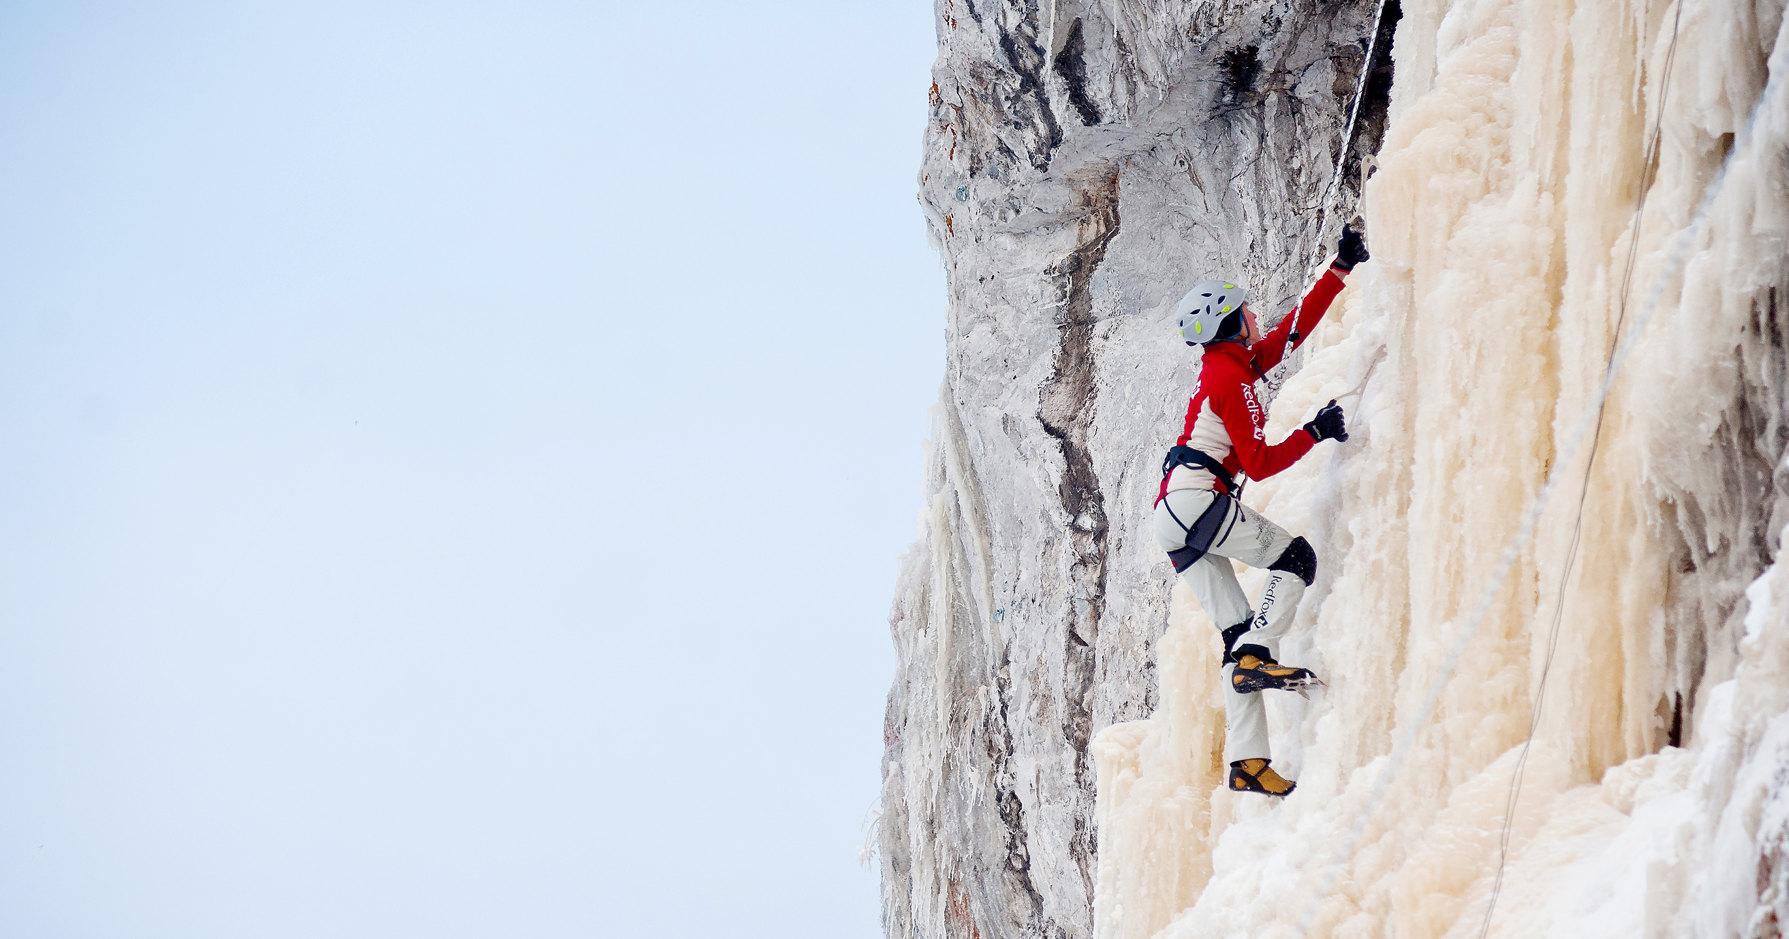 Покорители ледовых стен: одно из самых опасных увлечений в мире